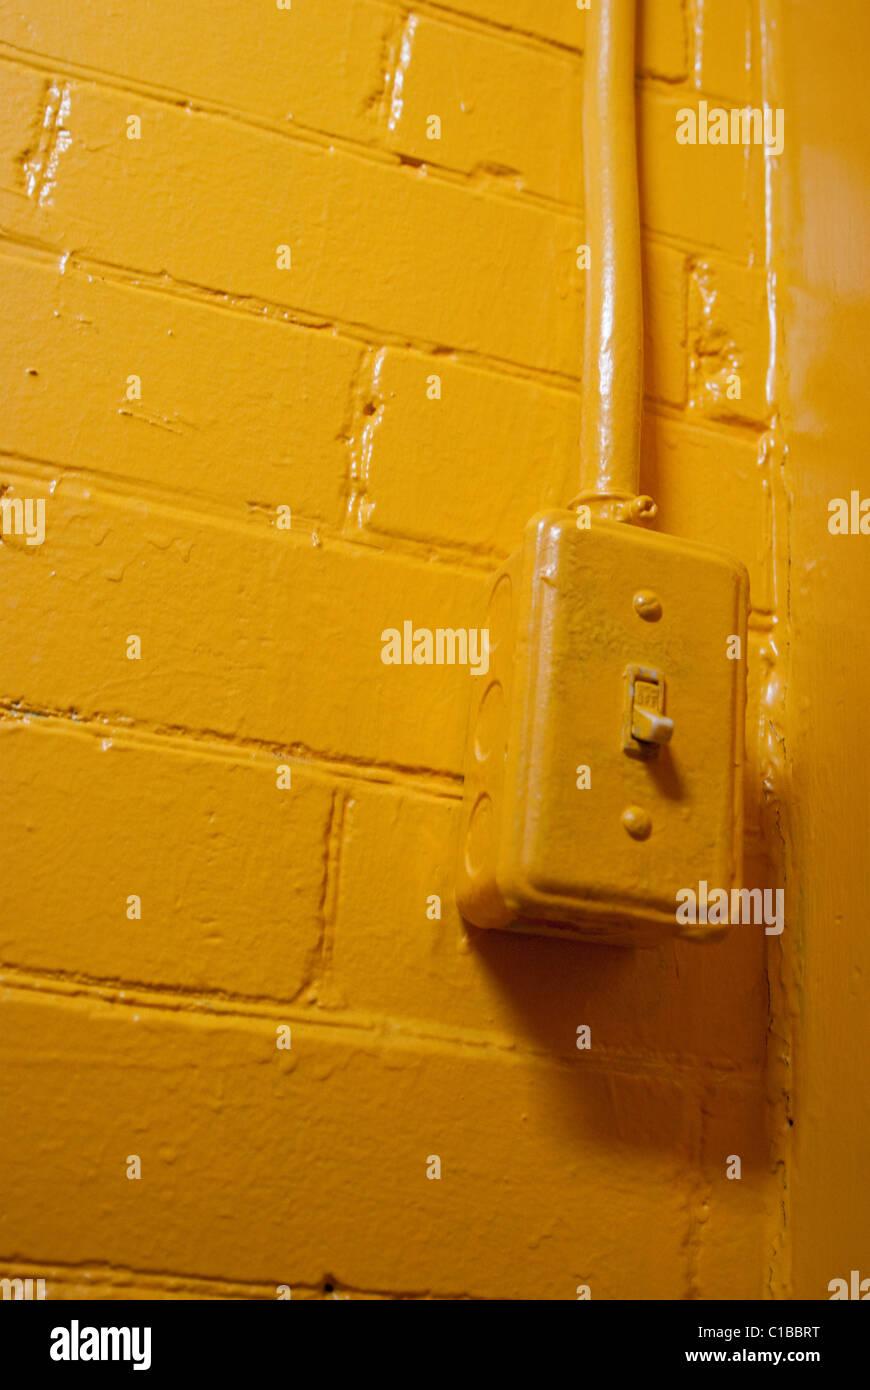 Fein Industrielle Lichtschalter Fotos - Der Schaltplan - triangre.info